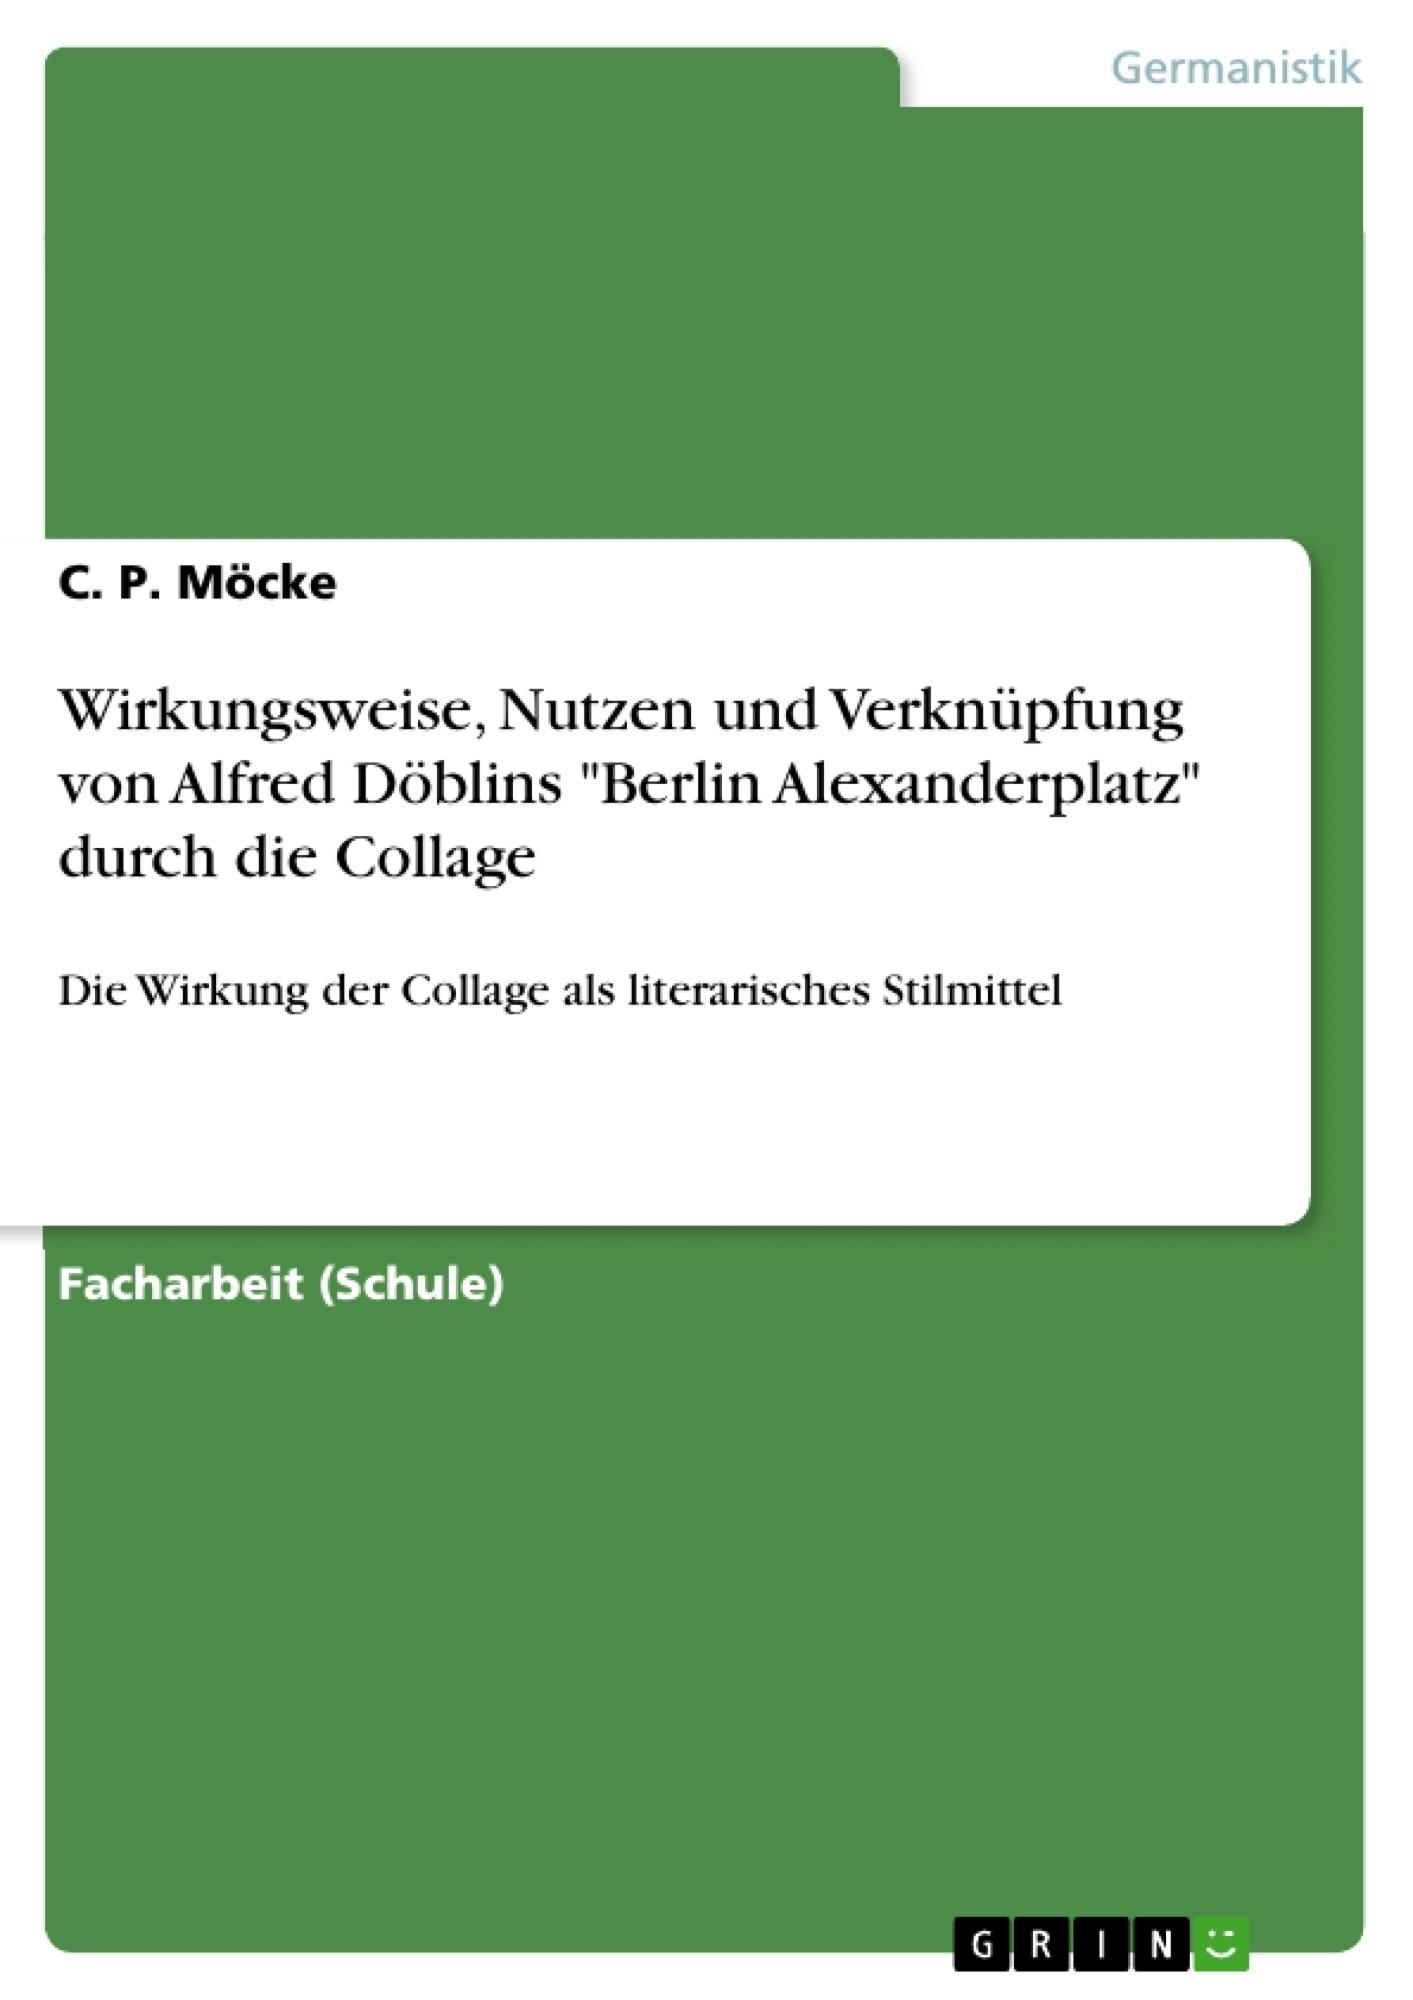 """Titel: Wirkungsweise, Nutzen und Verknüpfung von Alfred Döblins """"Berlin Alexanderplatz"""" durch die Collage"""